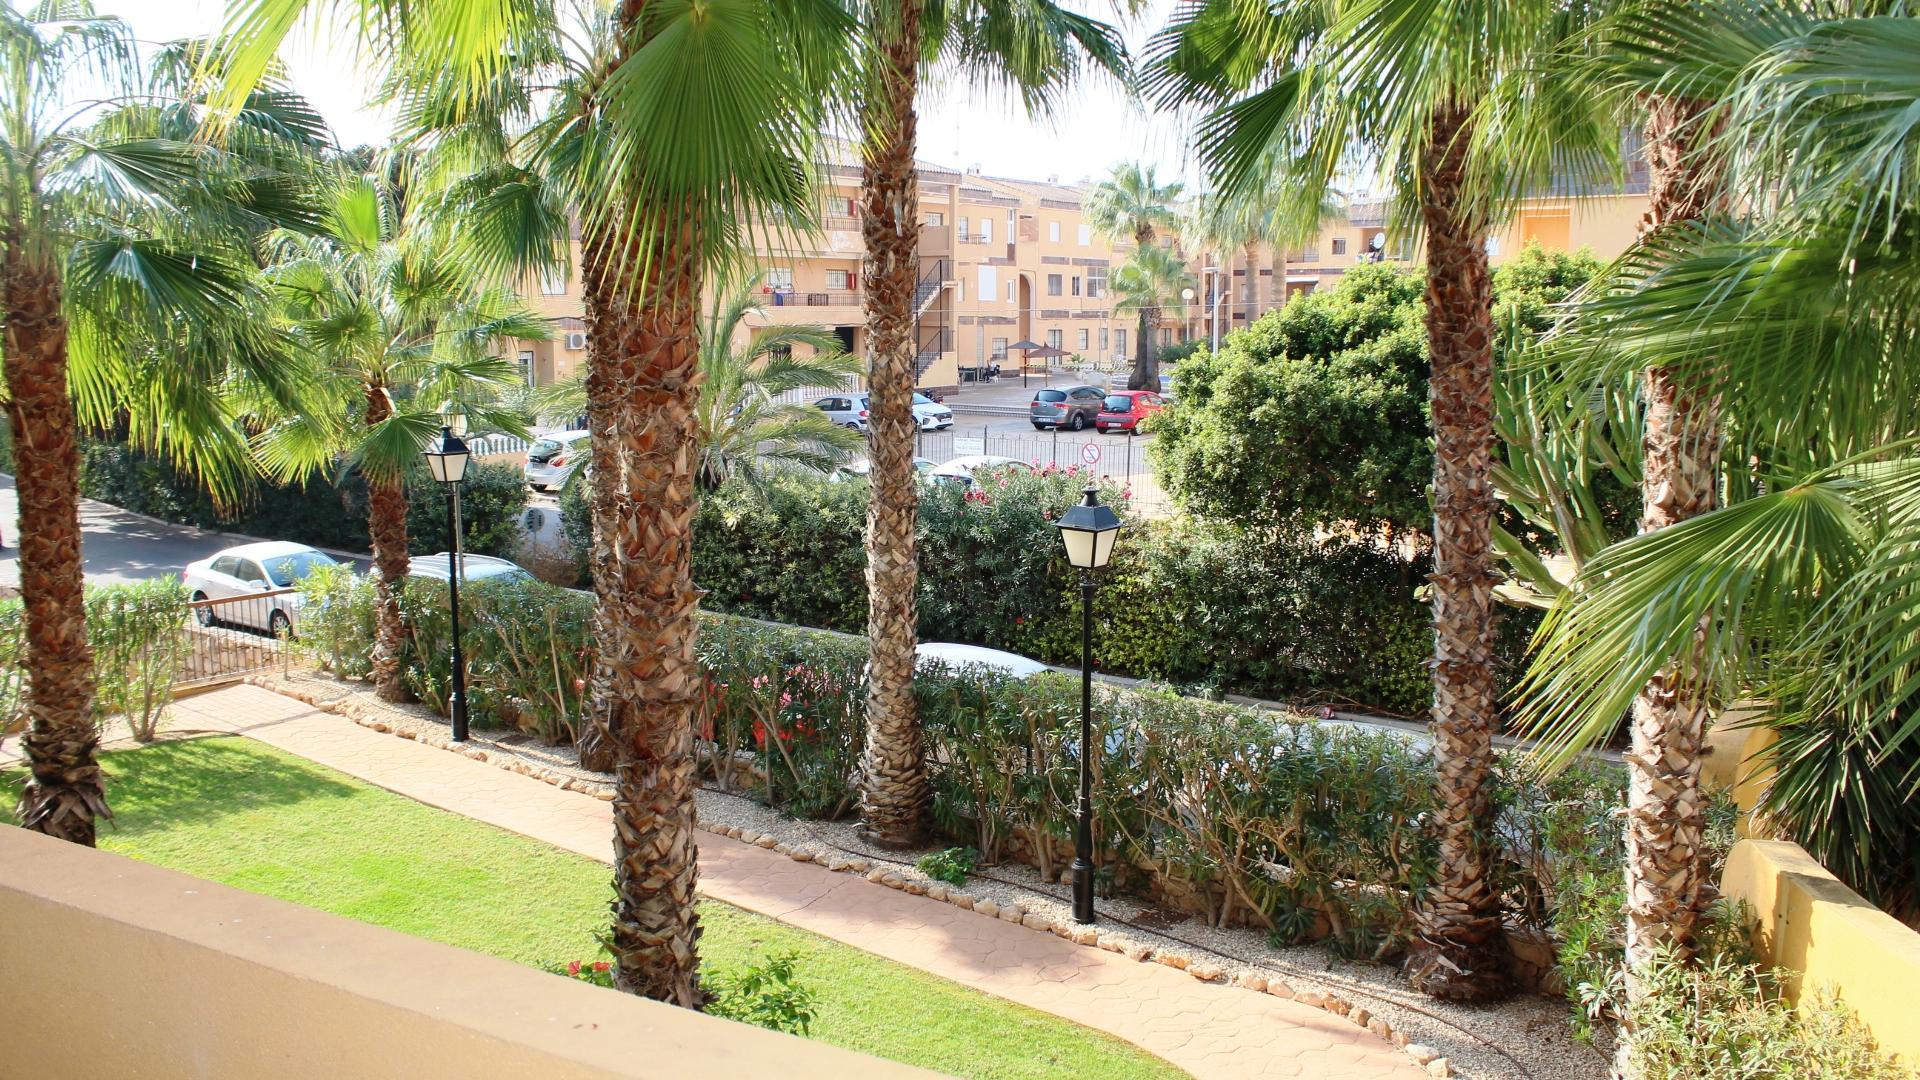 Holiday apartment in La Entrada.